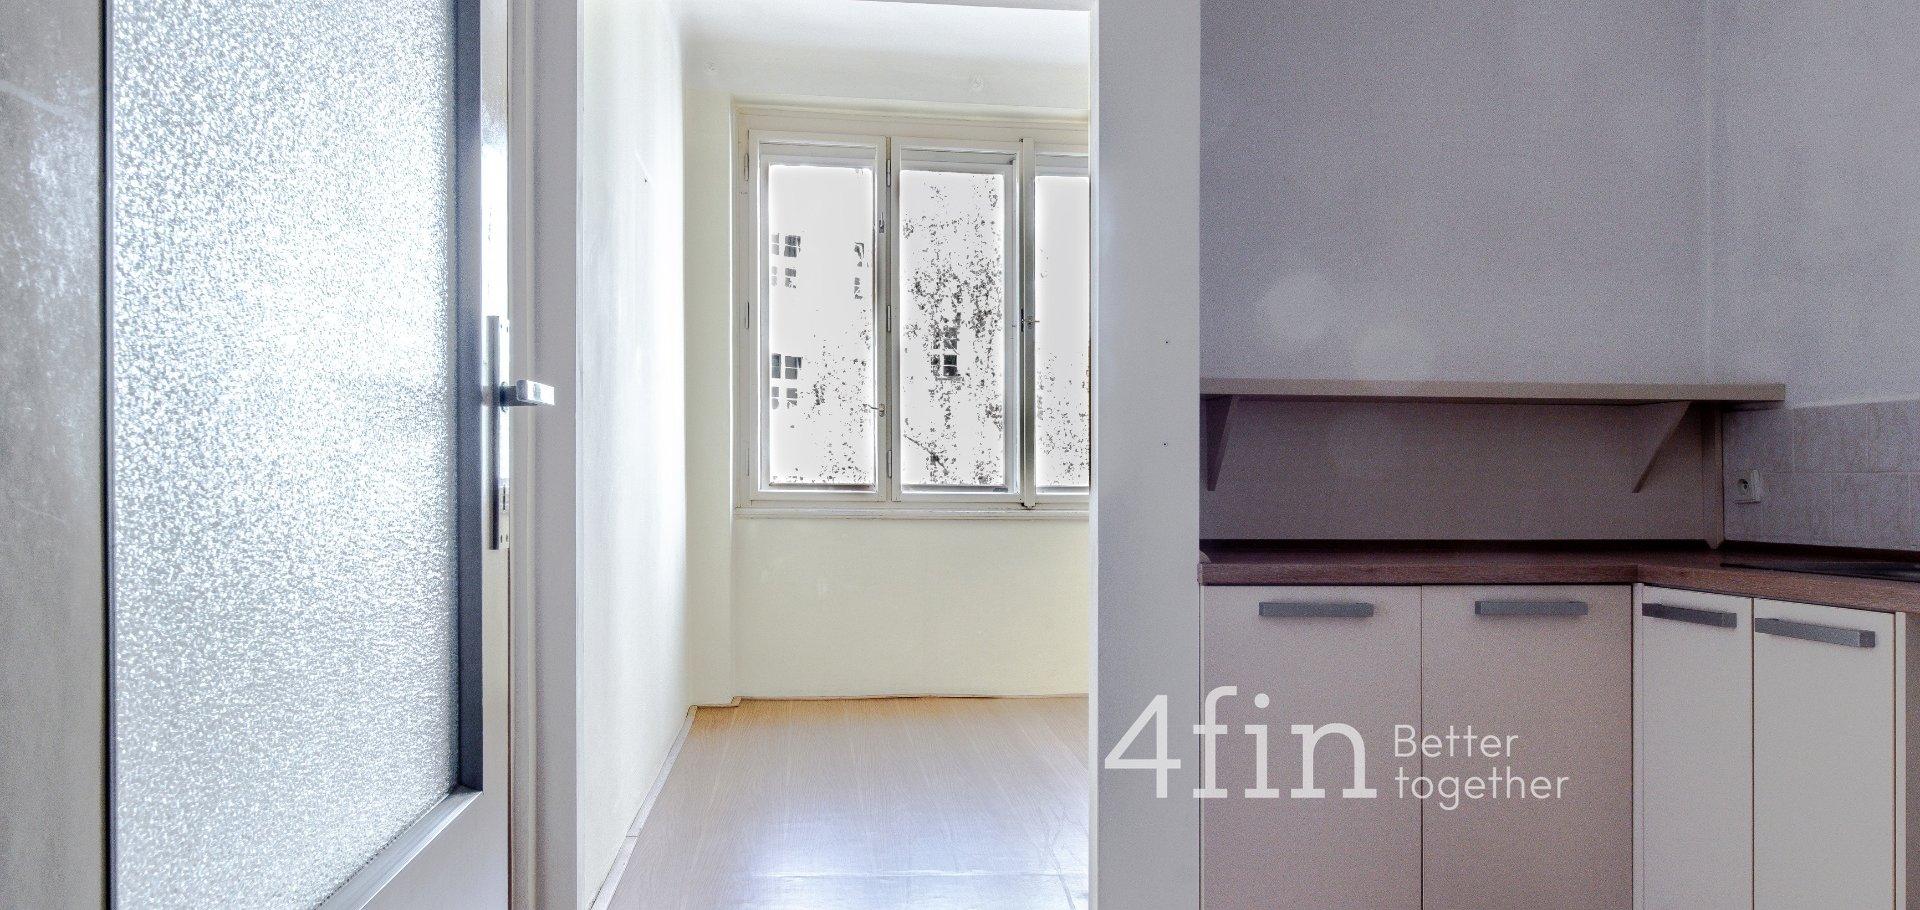 Pronájem bytu 2+kk, 44 m², Praha - Nusle